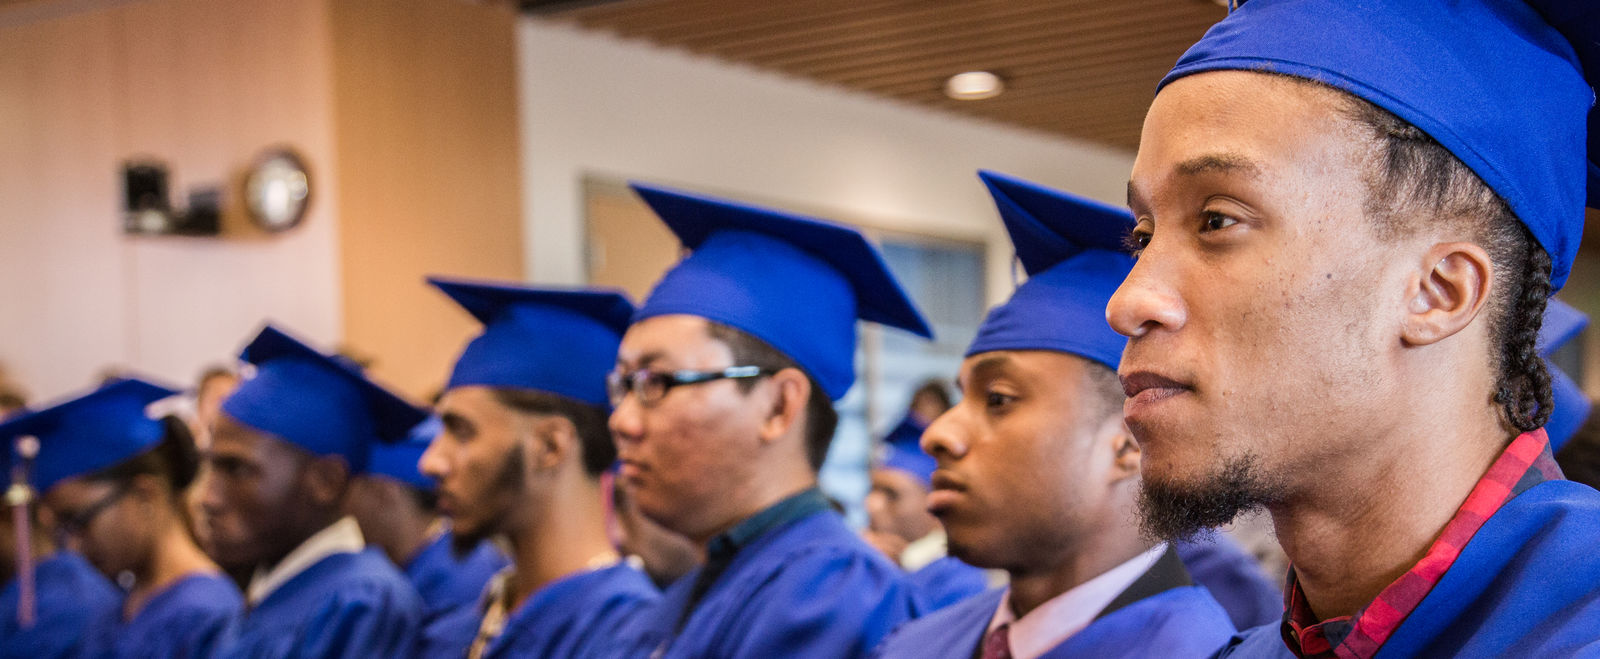 College Bound Dorchester Graduation